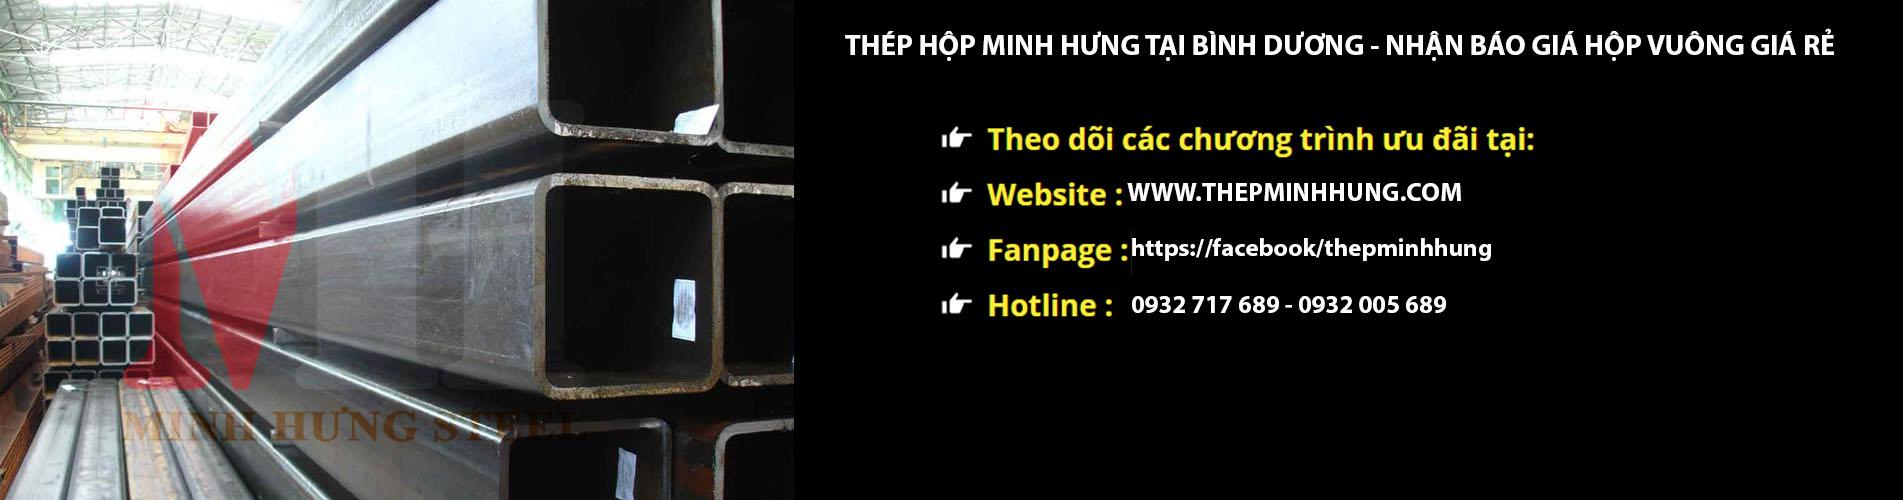 hop vuong 1